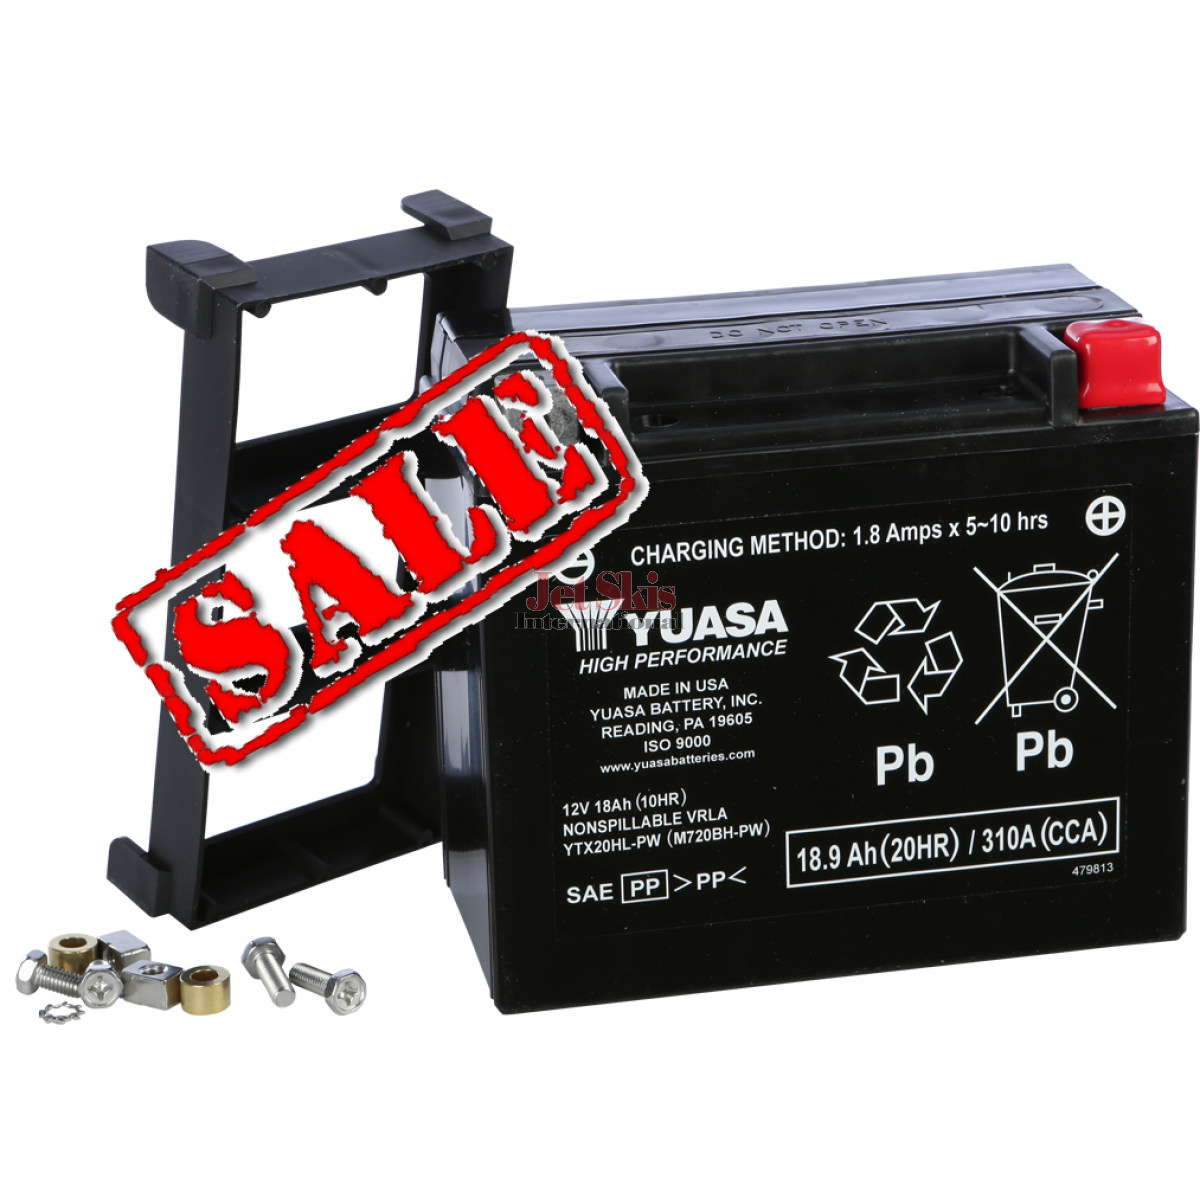 Yuasa Battery Ytx20hl Pw For Kawaski Jet Skis Polaris Watercraft 1990 Kawasaki Ts Ski Wiring Diagram Yuam720bh Sale